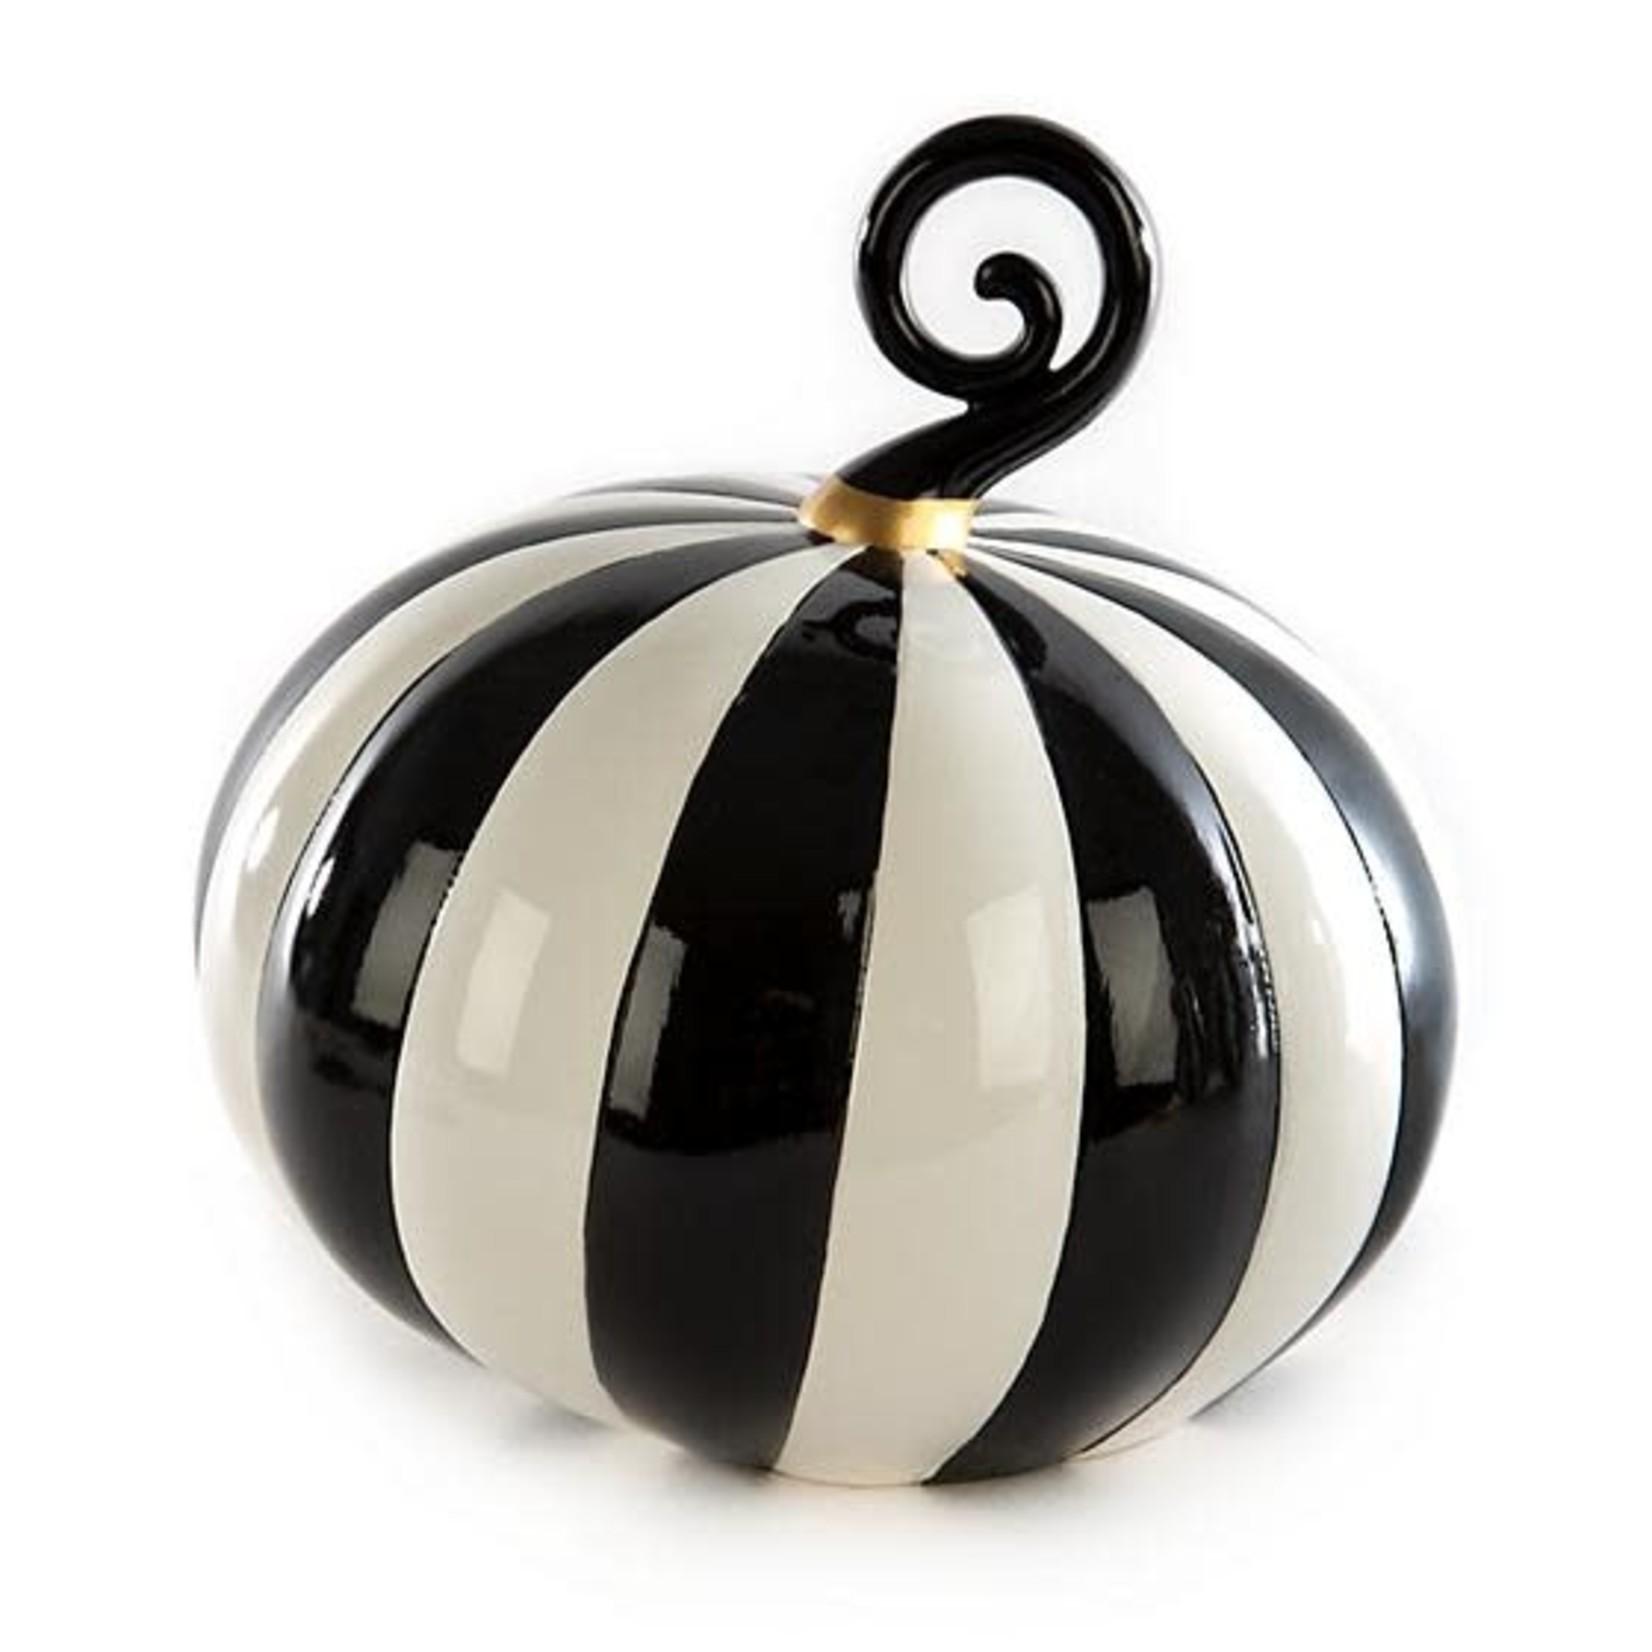 MacKenzie Childs Mod Pumpkin - Small